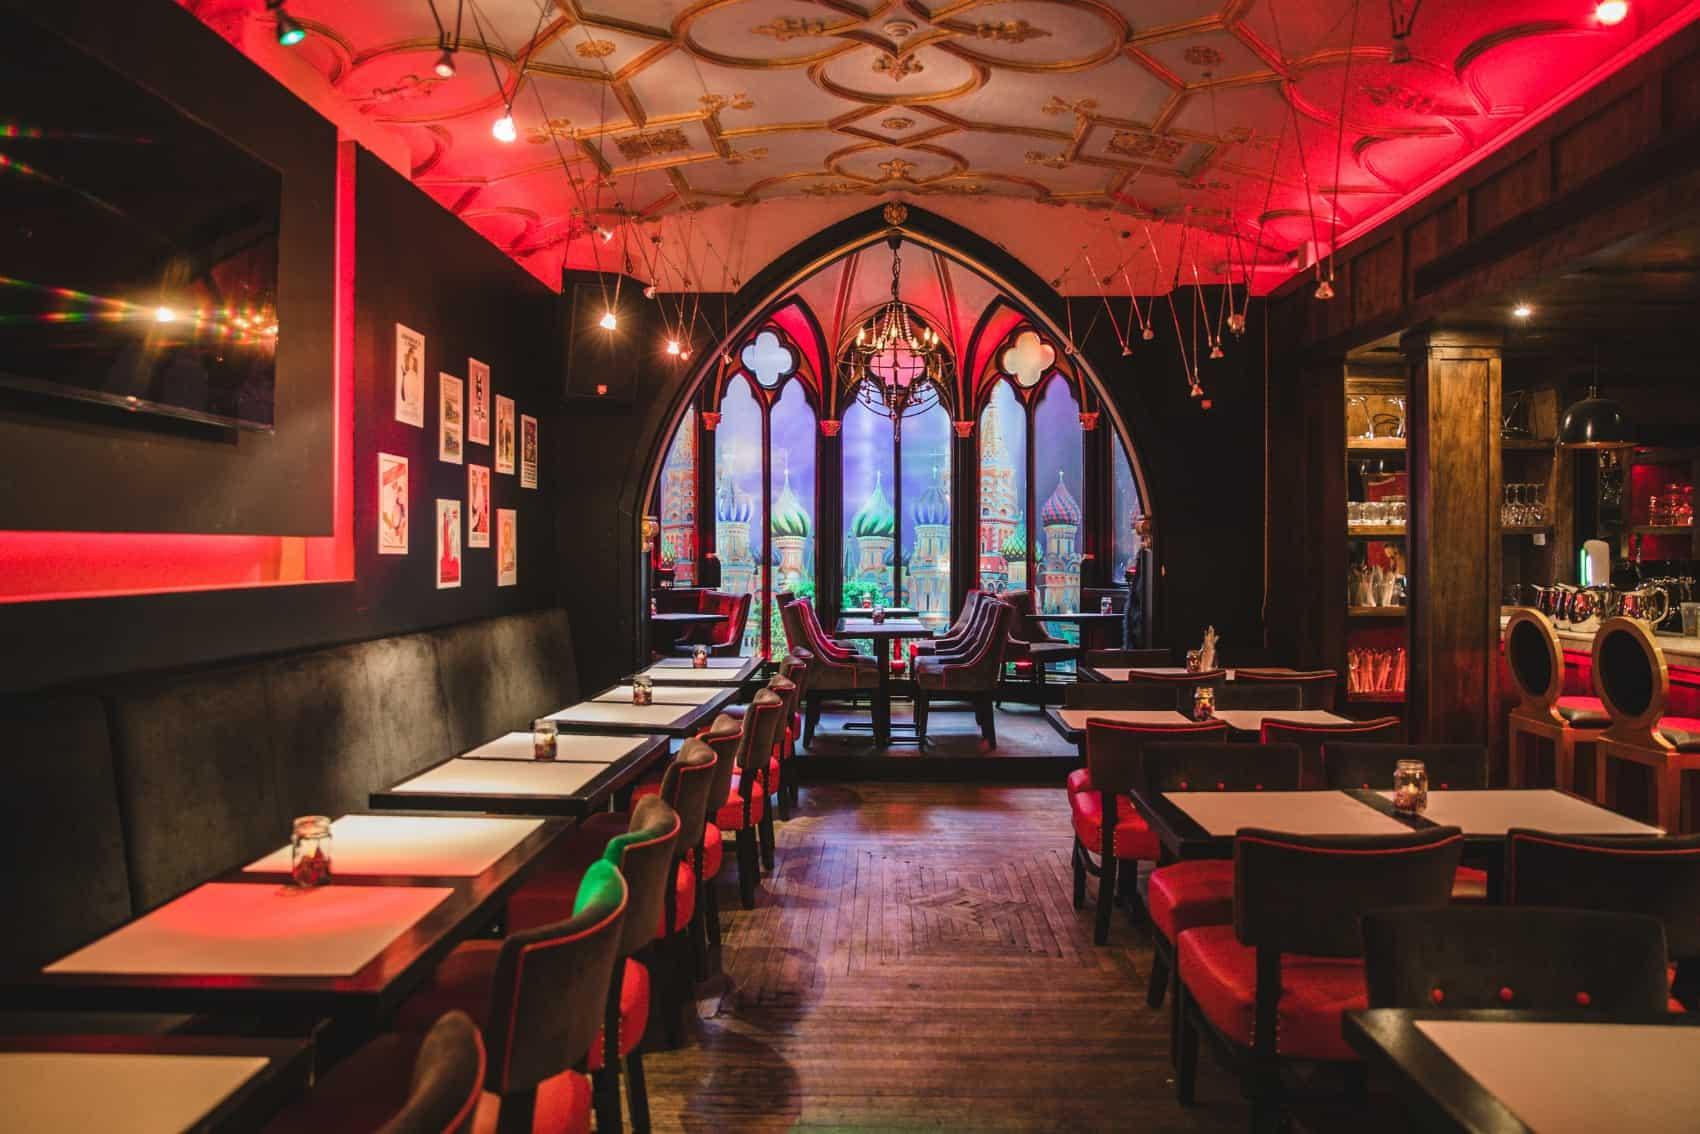 L'intérieur du restaurant Vladimir Poutine- Montréal